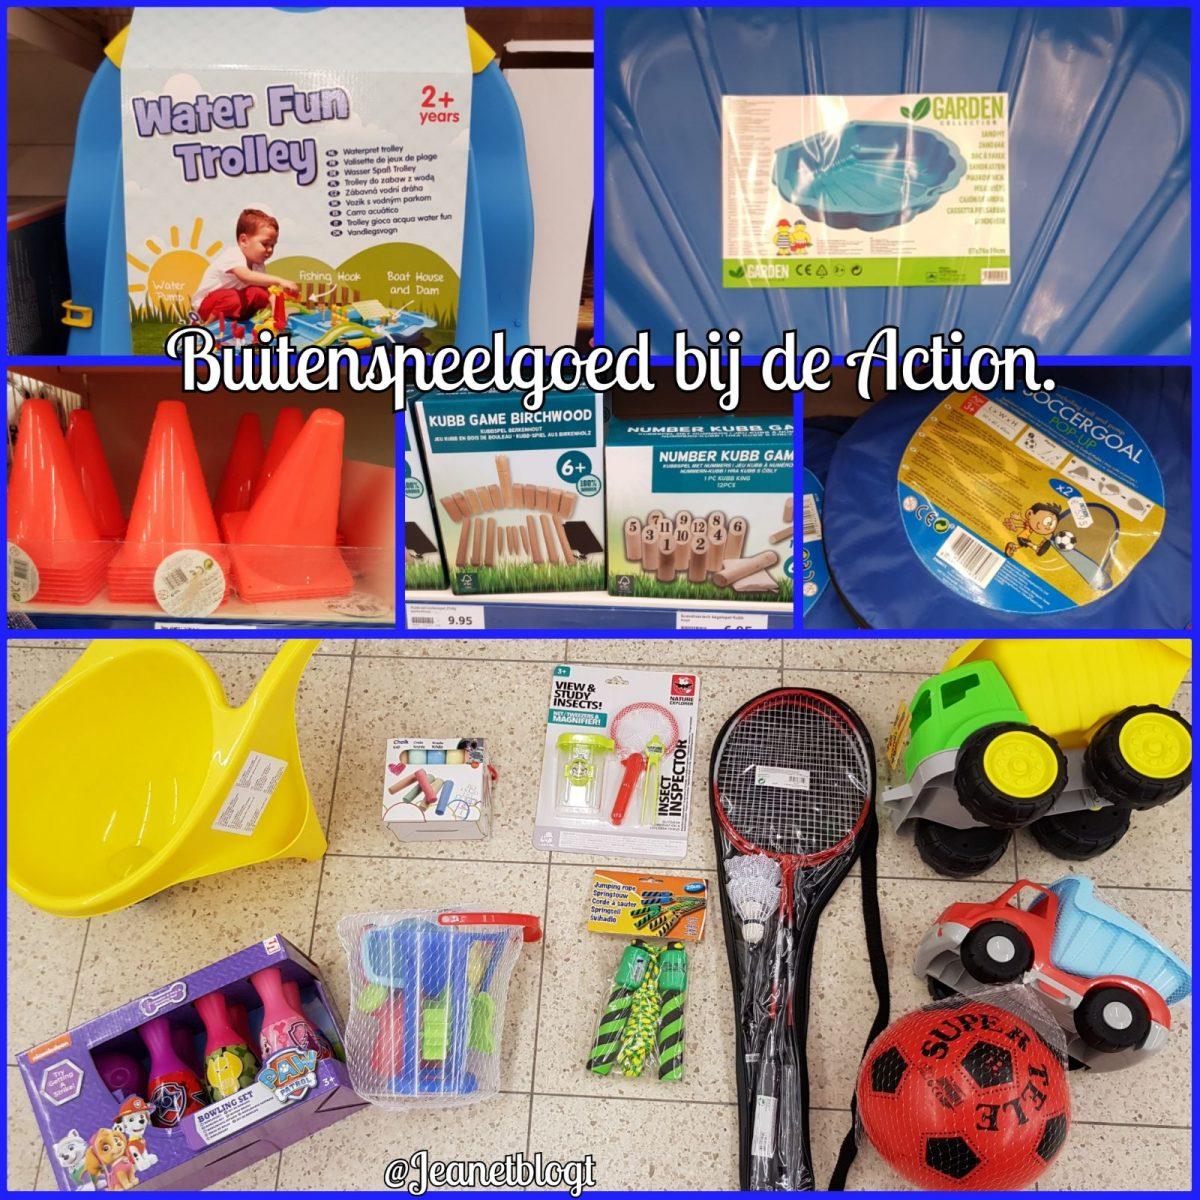 Buitenspeelgoed bij de Action